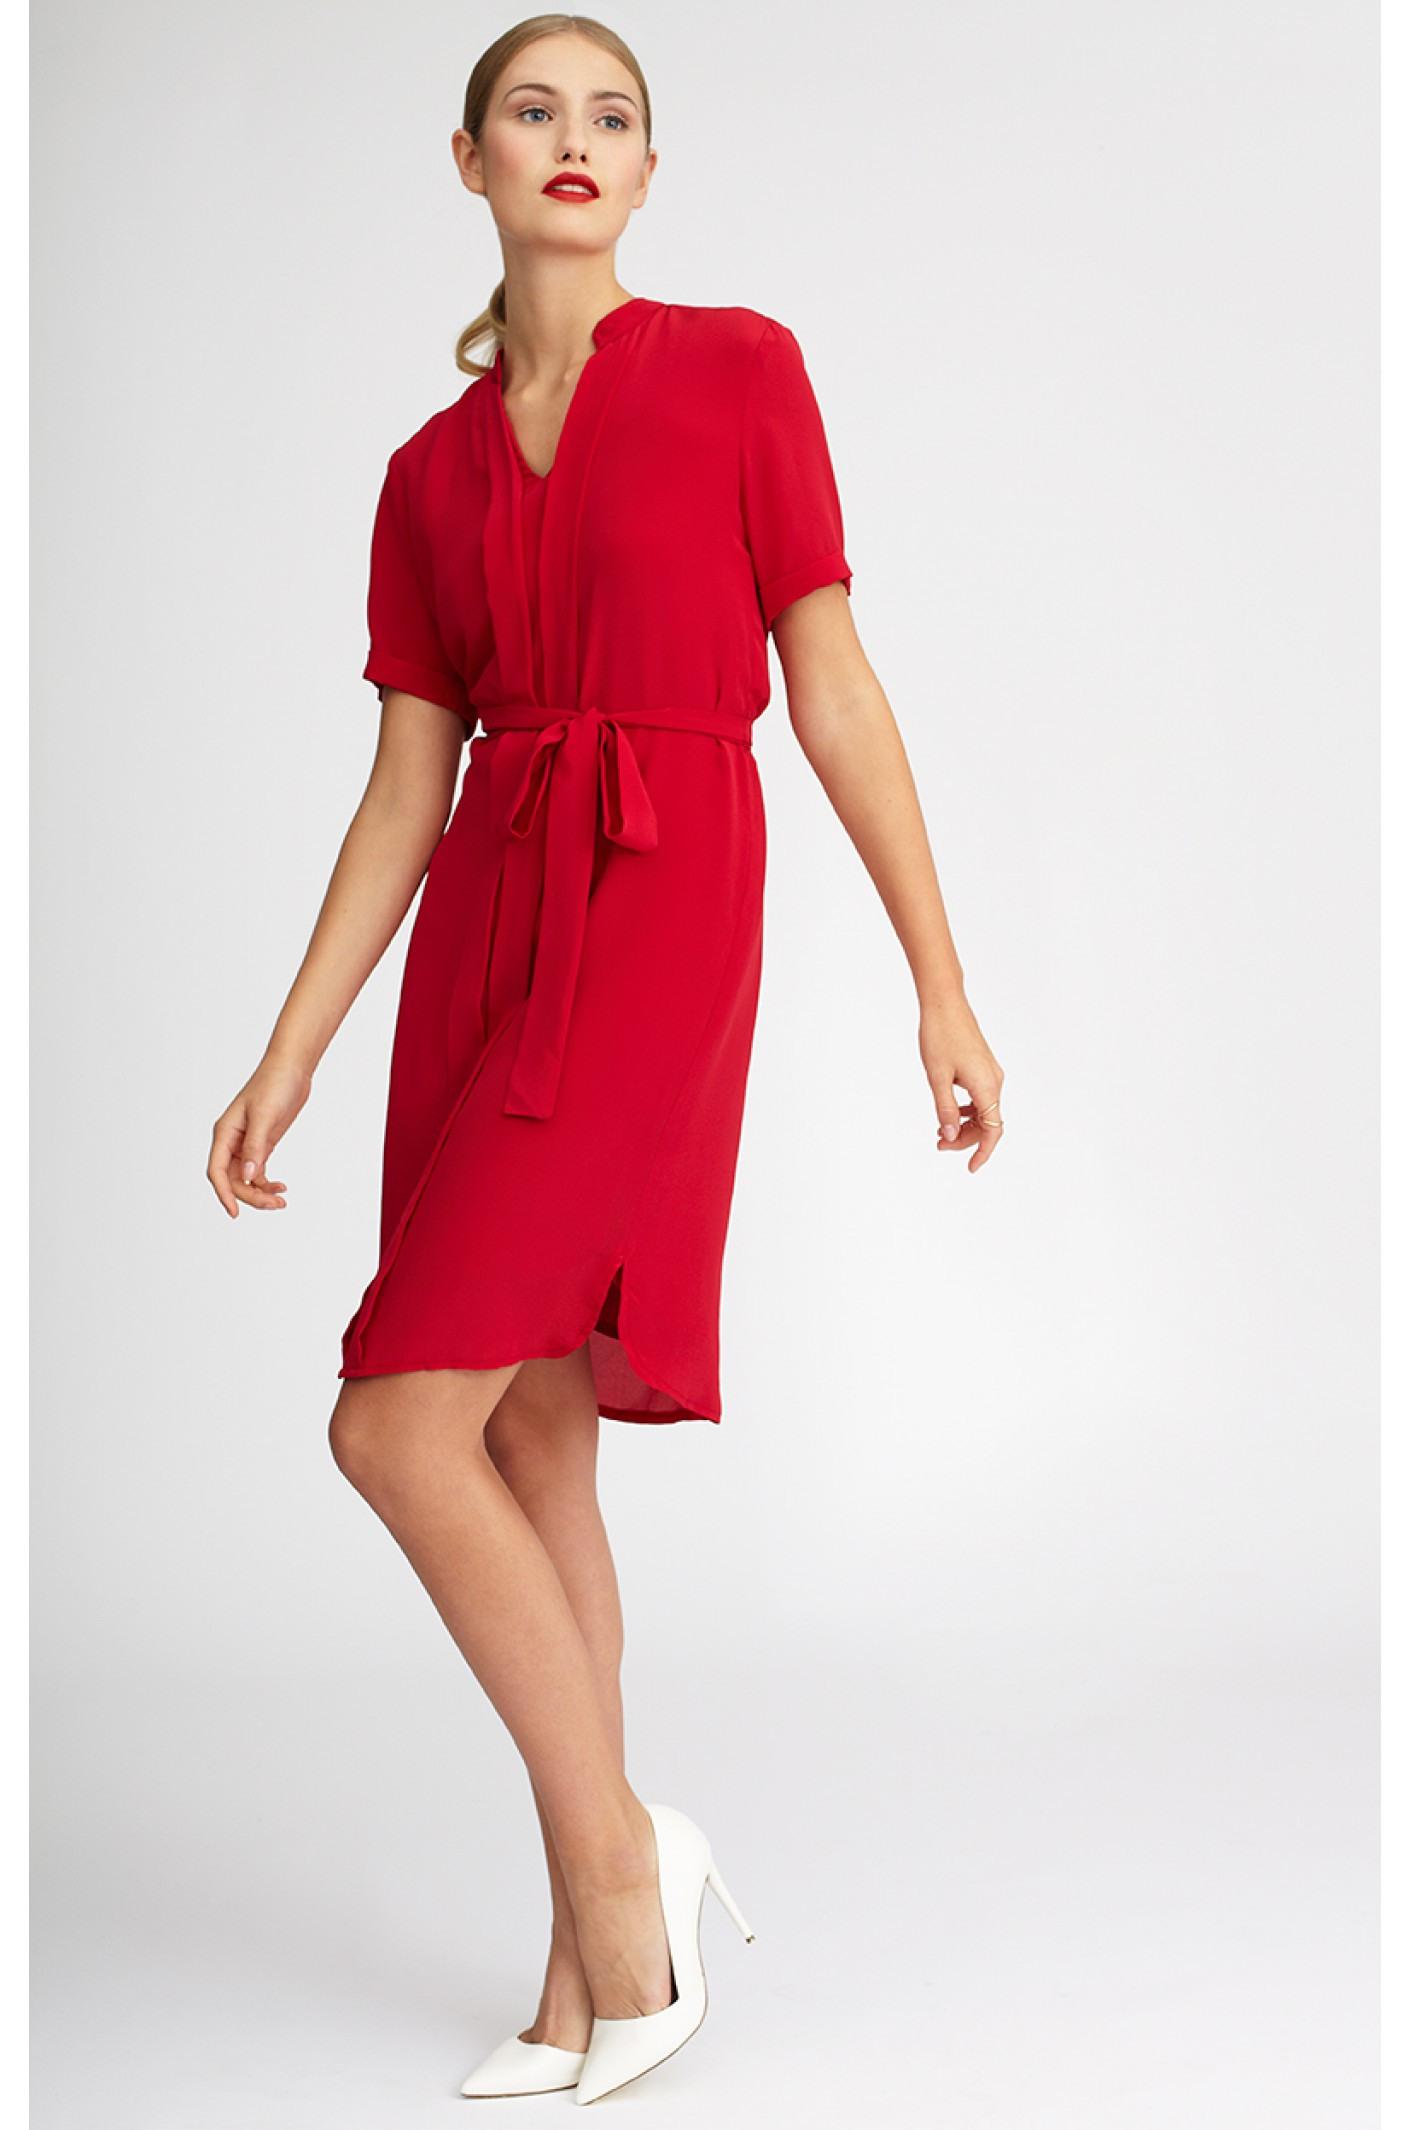 Kleid Nora Von Kala Fashion  Einen Roten Seidentraum